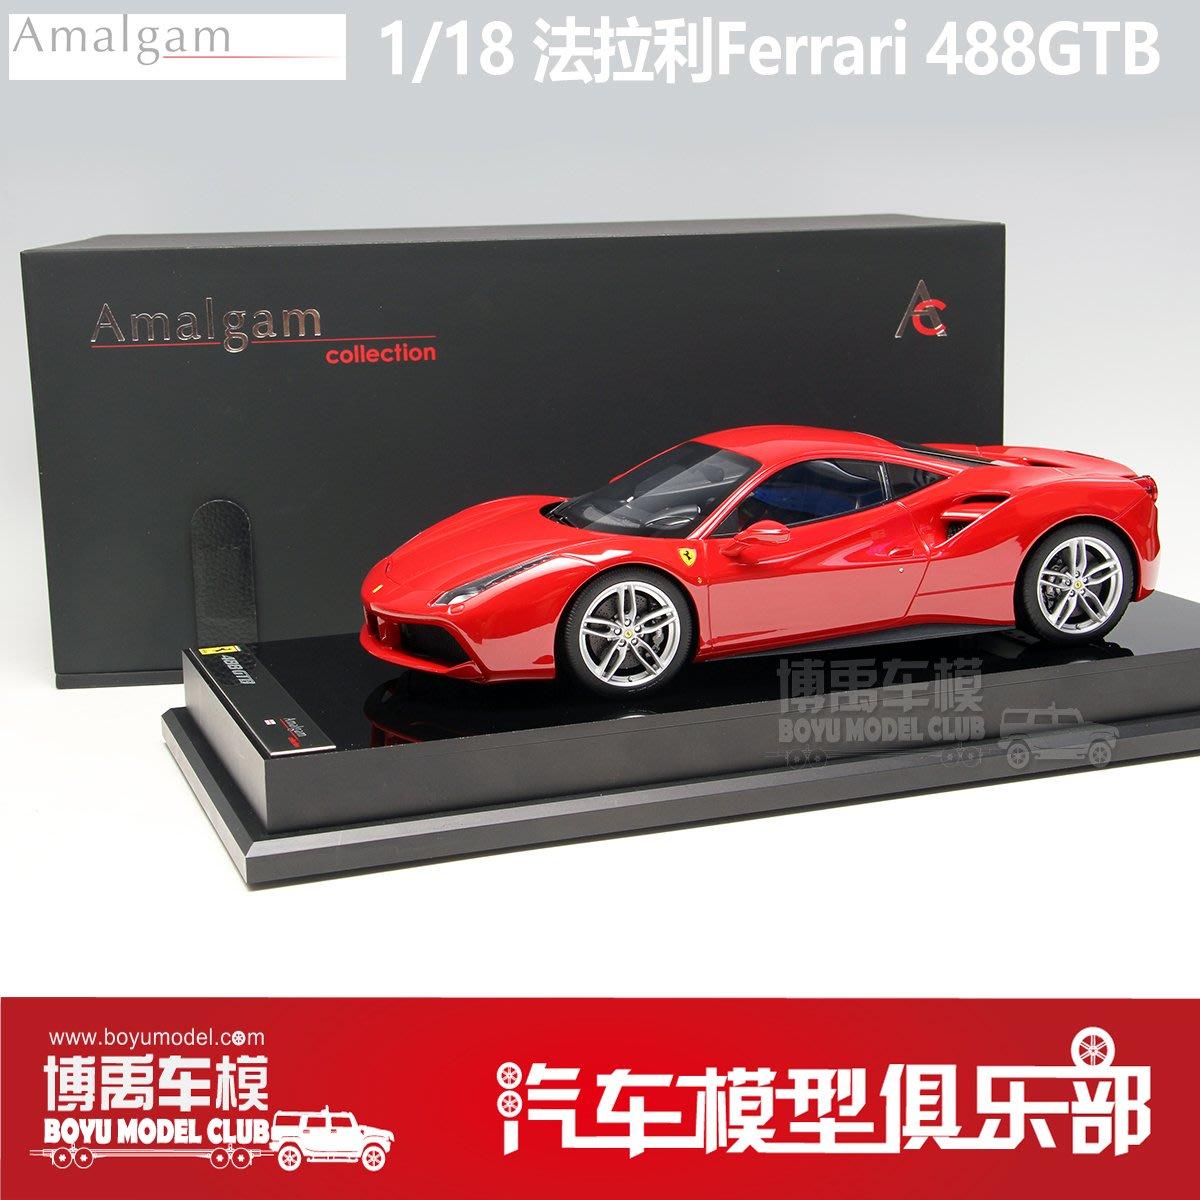 汽車模型 博禹車模 Amalgam 1:18 法拉利Ferrari 488GTB 樹脂 汽車模型現貨 超夯